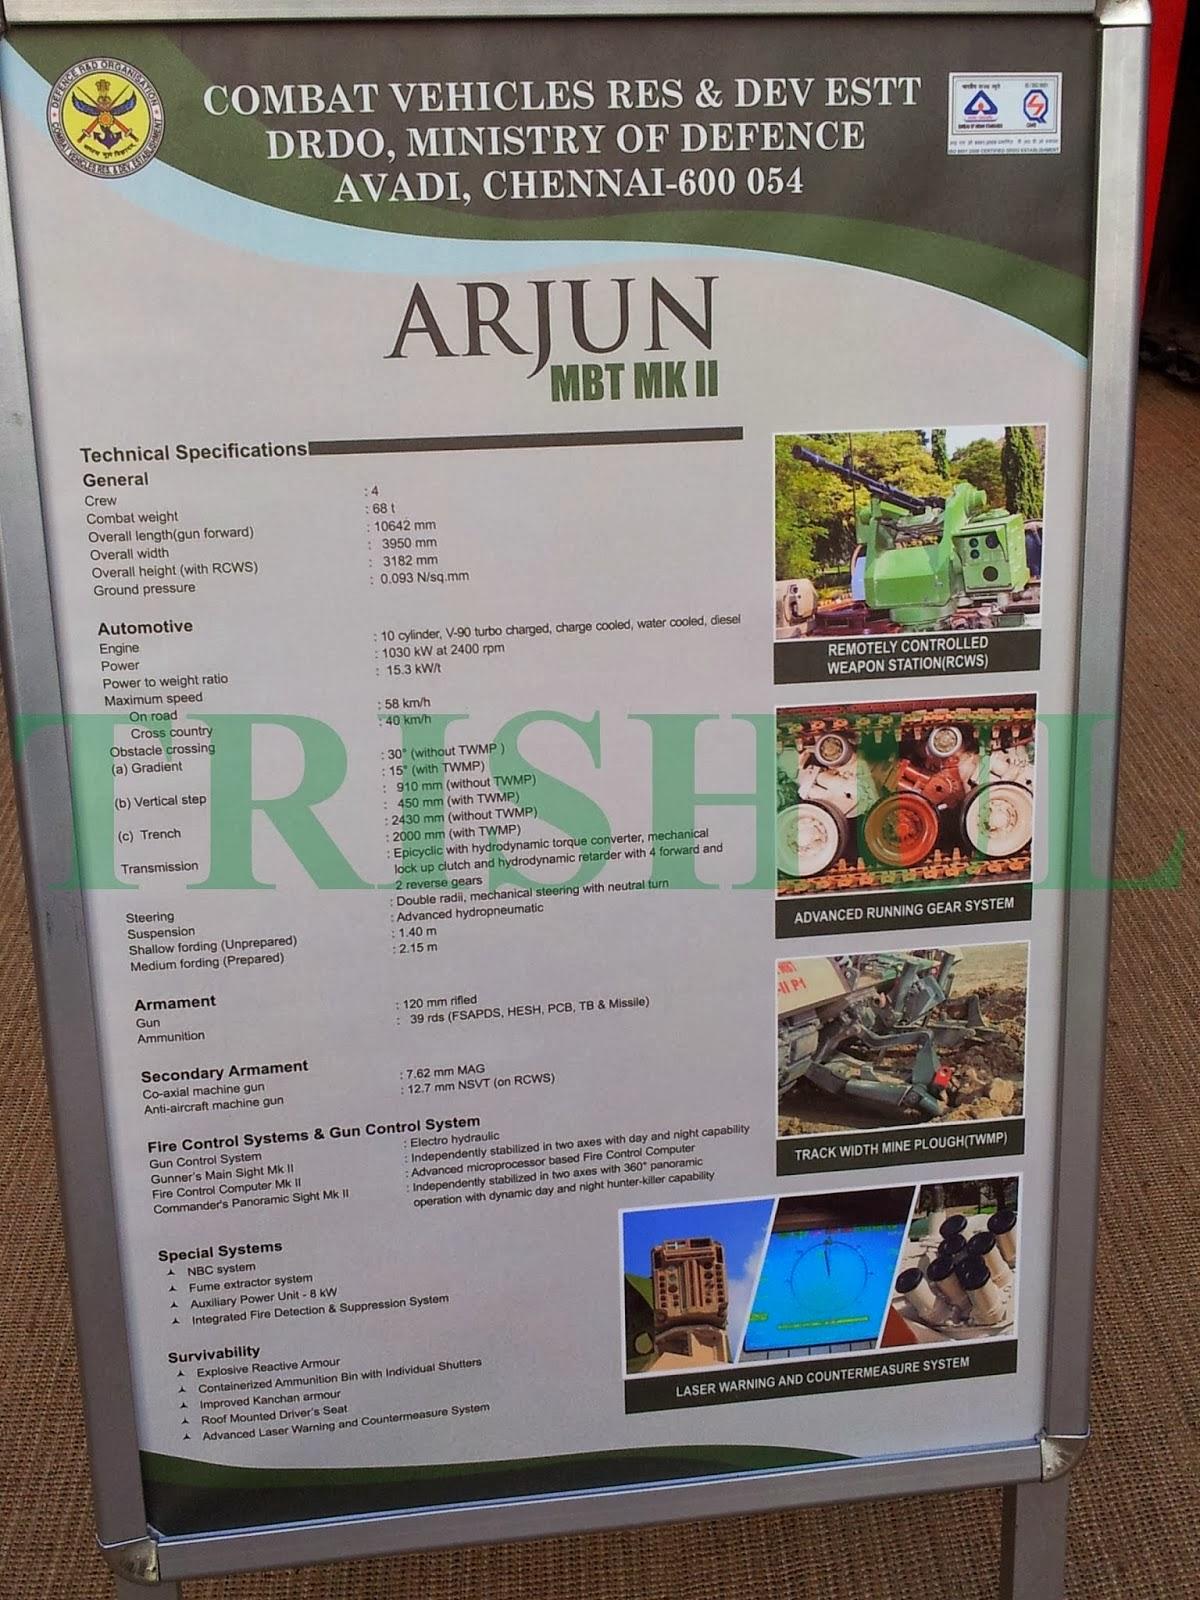 http://2.bp.blogspot.com/-uq5uIc9LNVs/UvJ8_BsZKaI/AAAAAAAAY4w/LNytiEQC2kg/s1600/Arjun+Mk1A-3.jpg